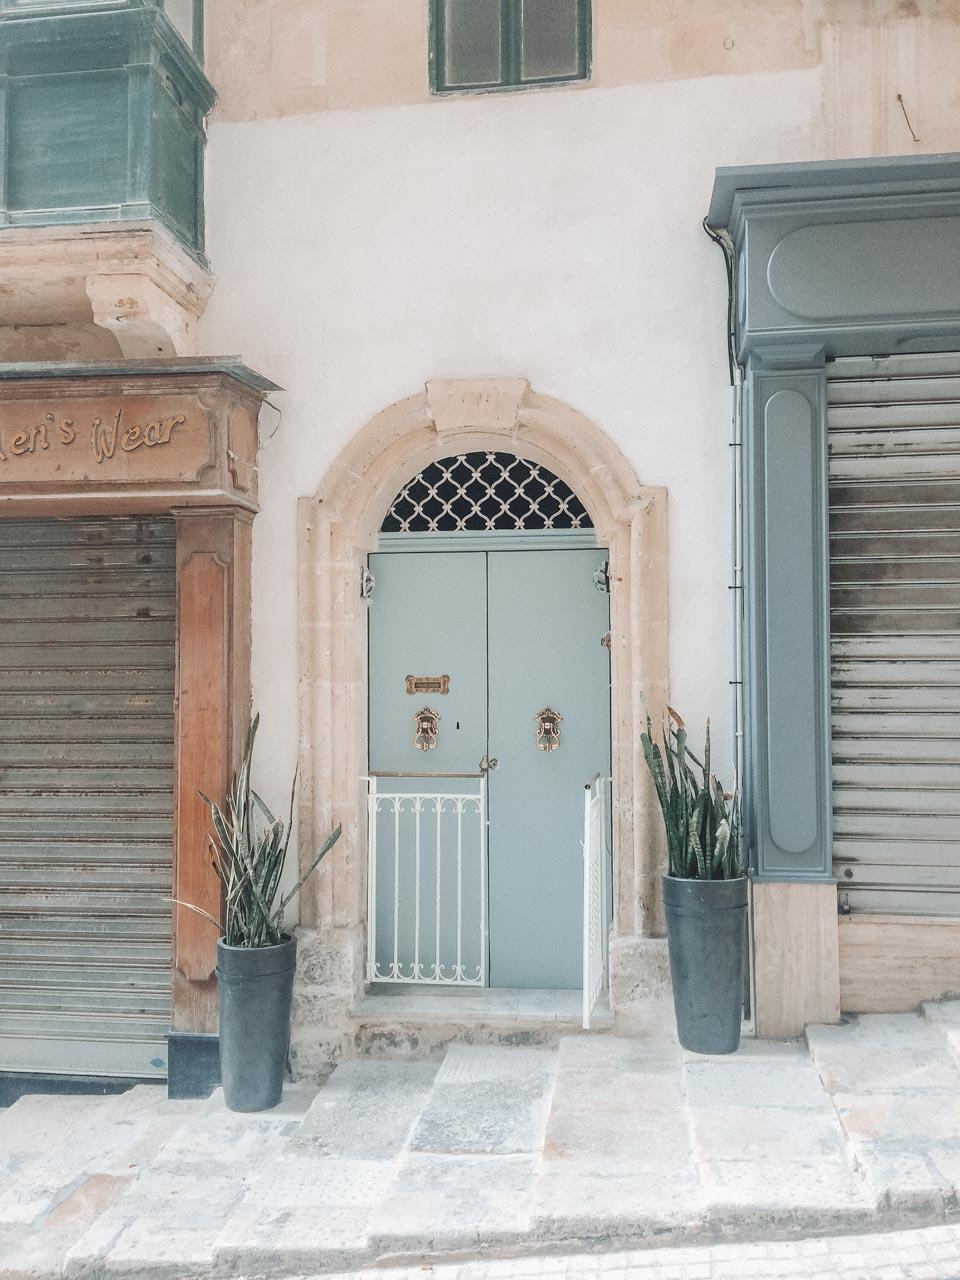 Pastel door in one of the streets of Valletta, Malta